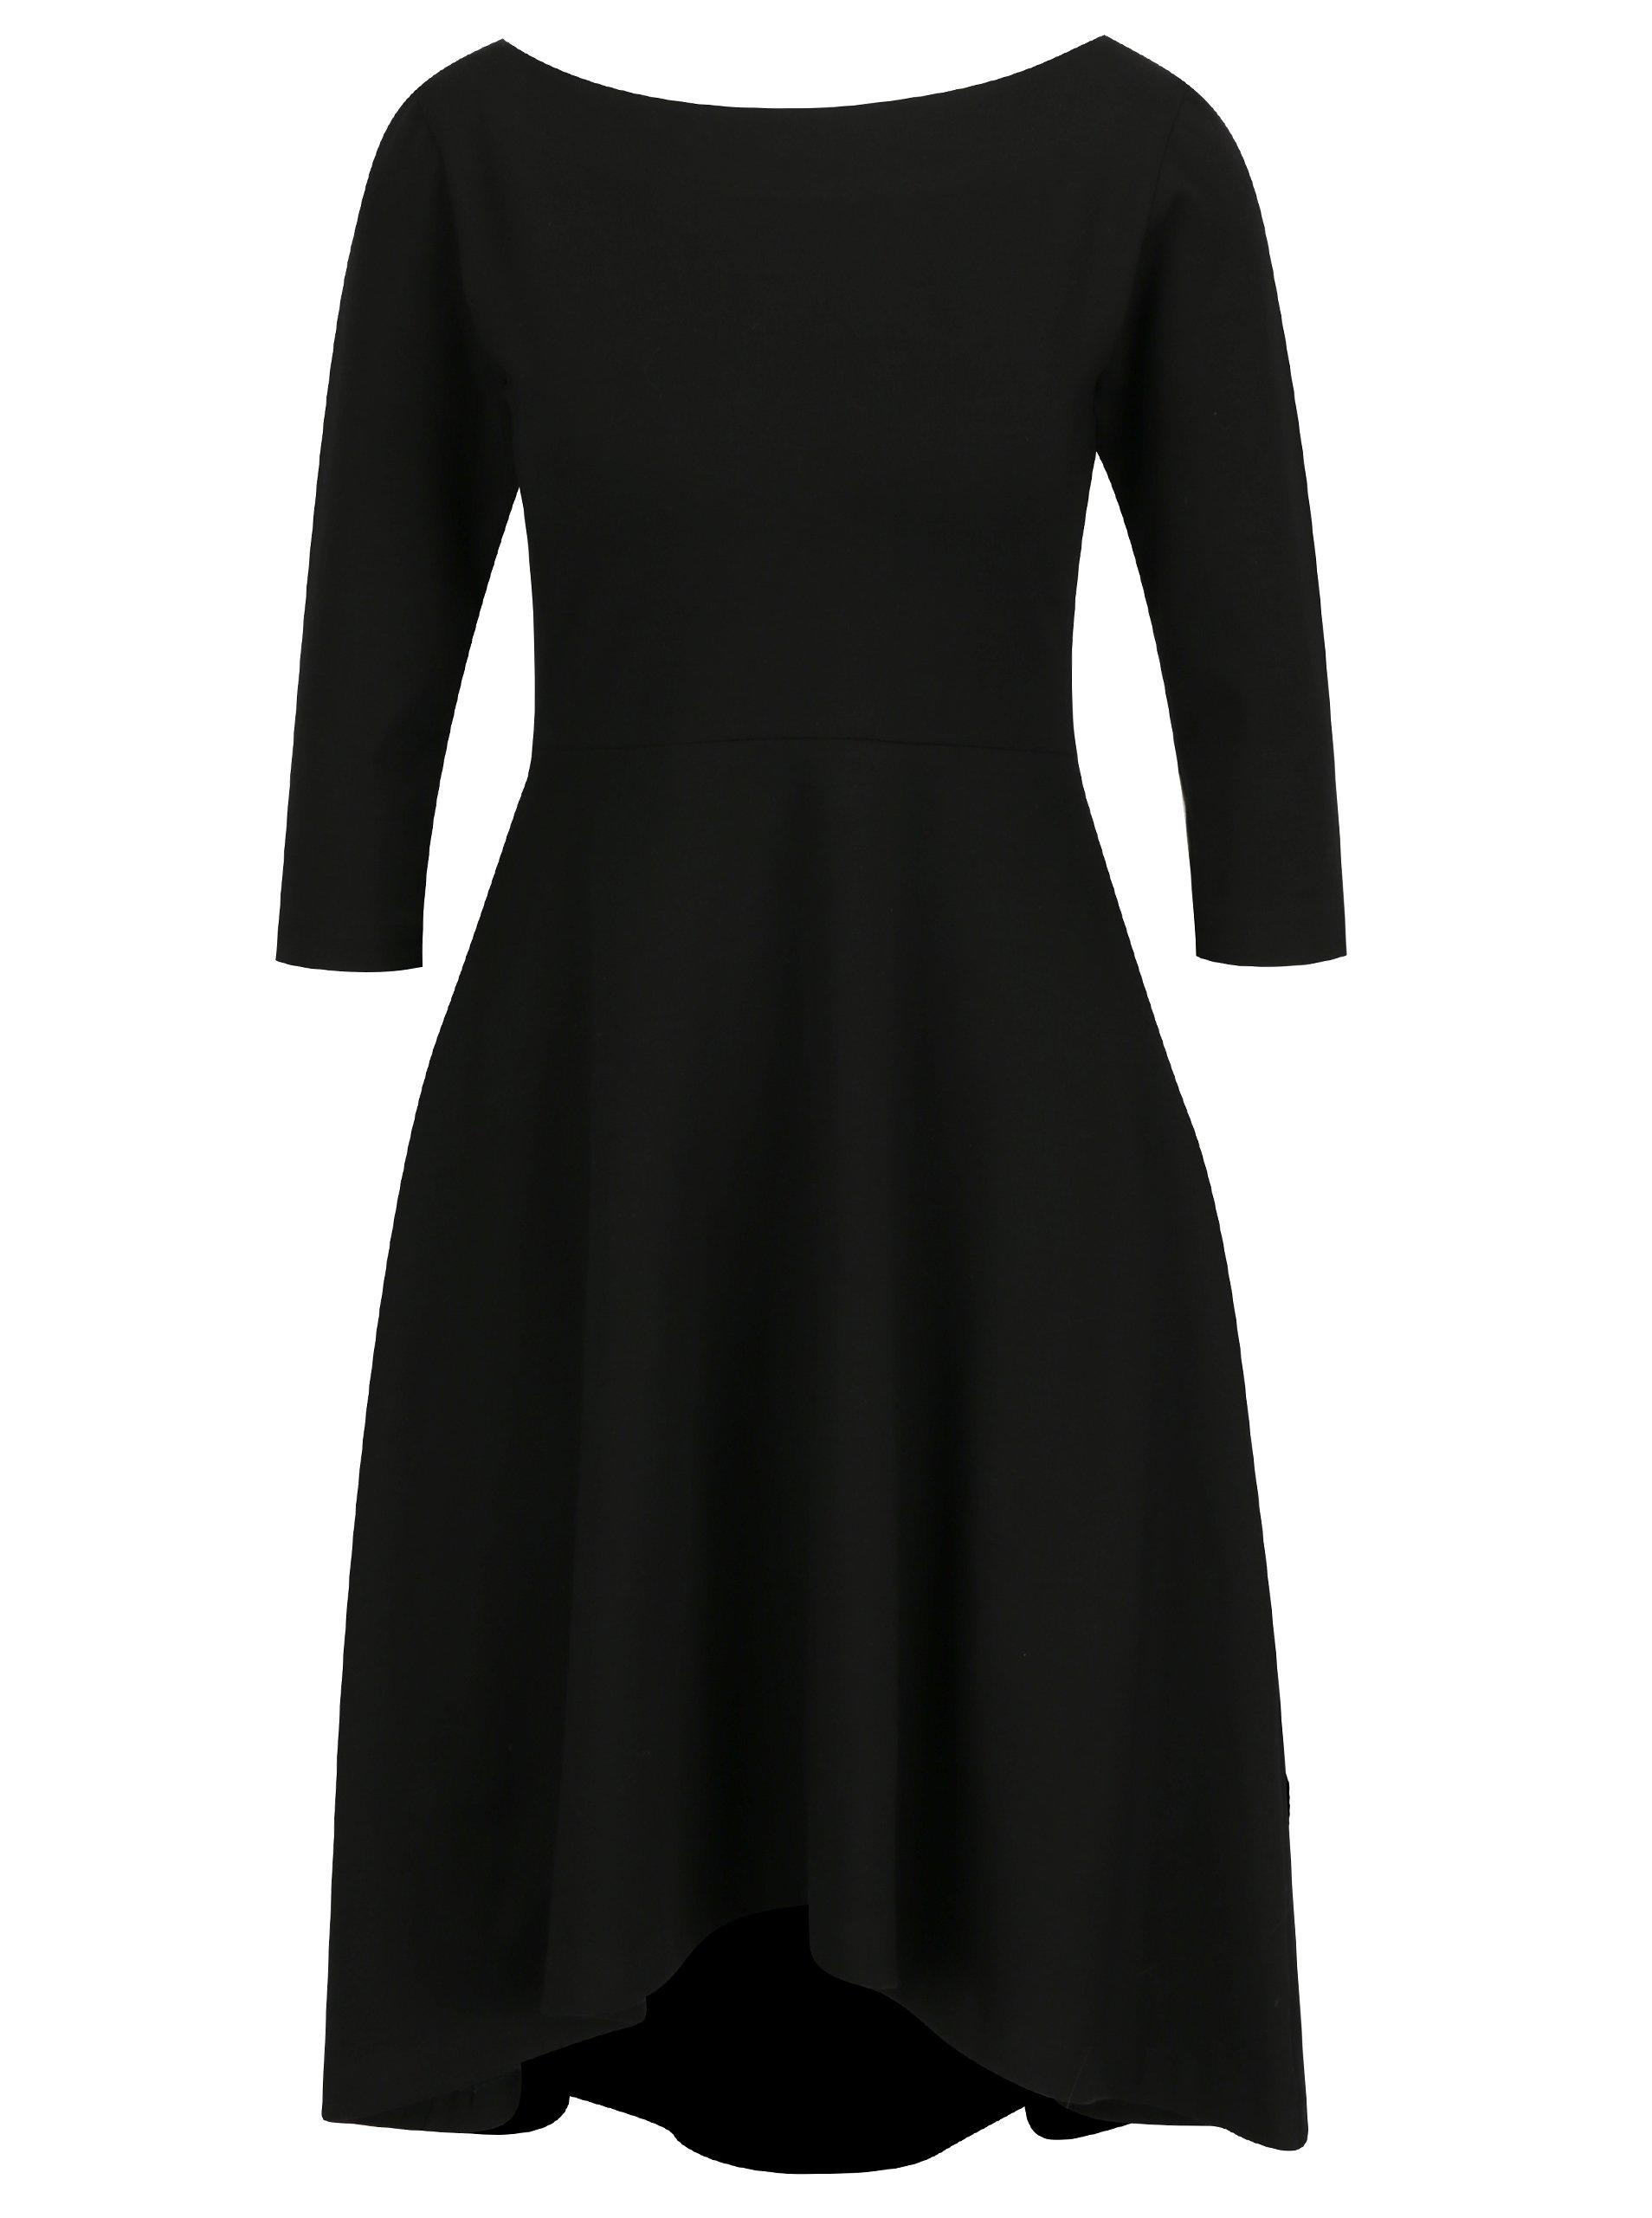 5faeae37daa4 Čierne áčkové šaty s 3 4 rukávmi miestni Bla